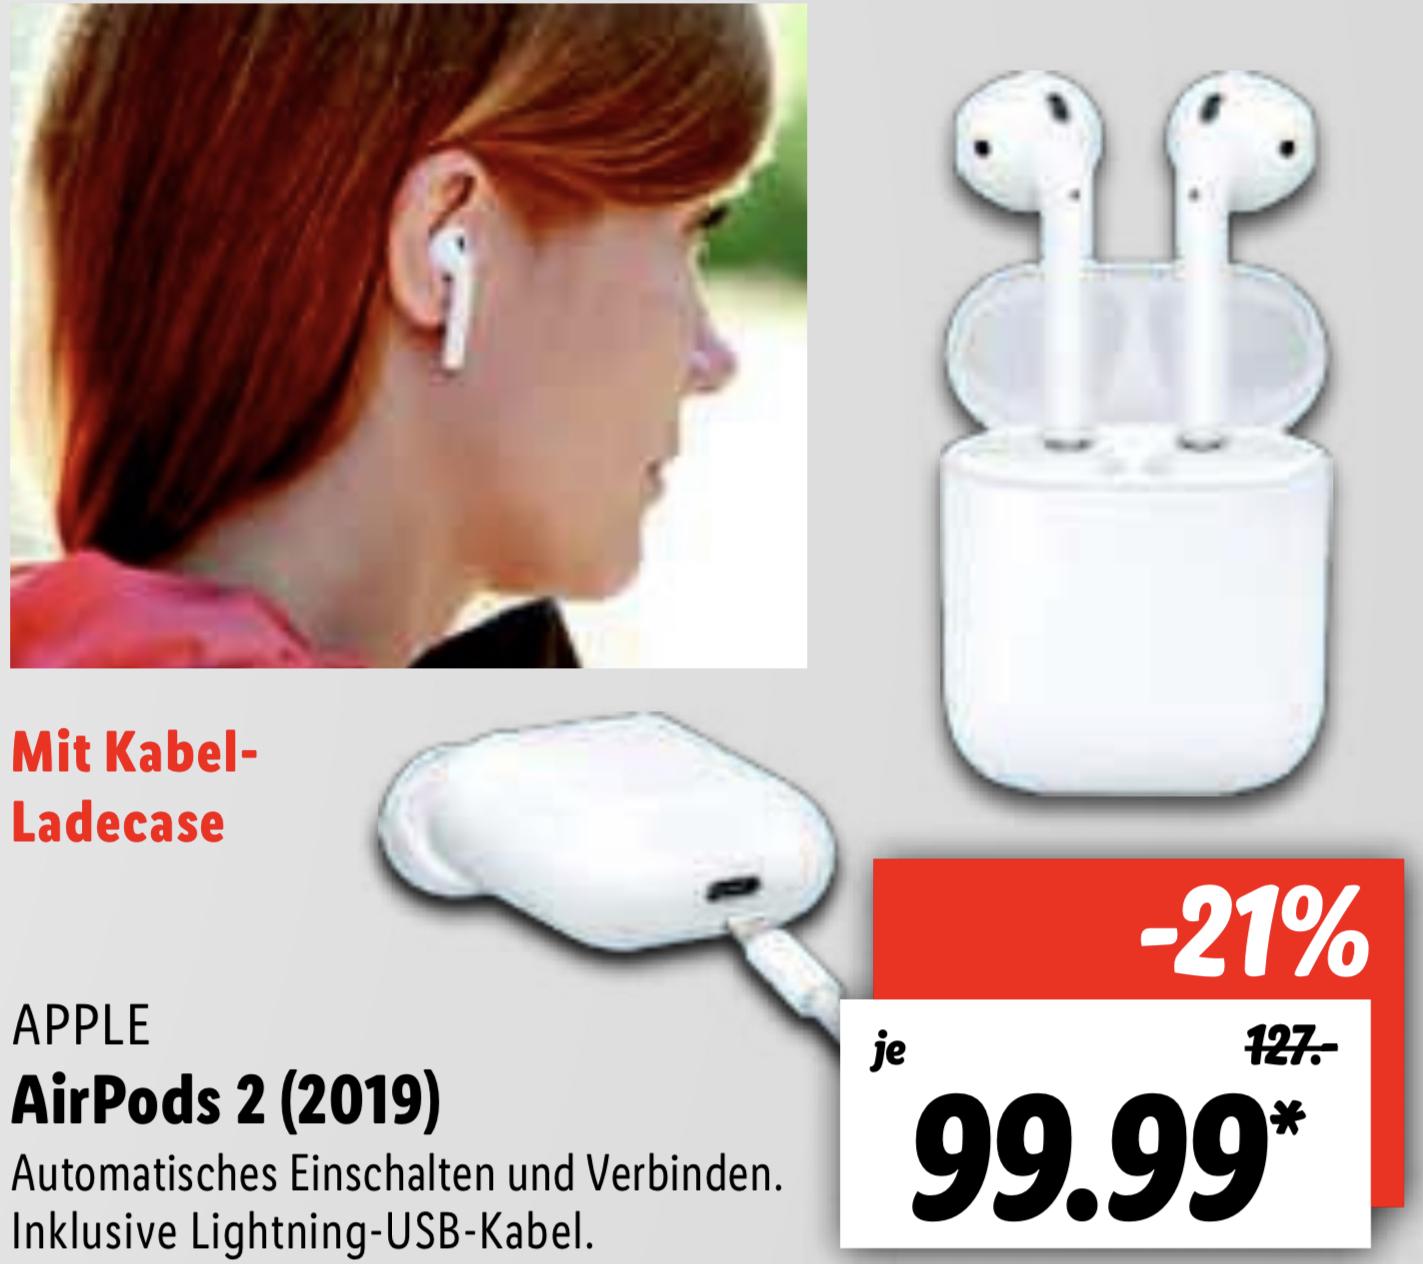 Lidl Lokal Köln, Straubing, Nortorf u. 8 weitere Standorte: Apple Airpods 2 für 94,99€